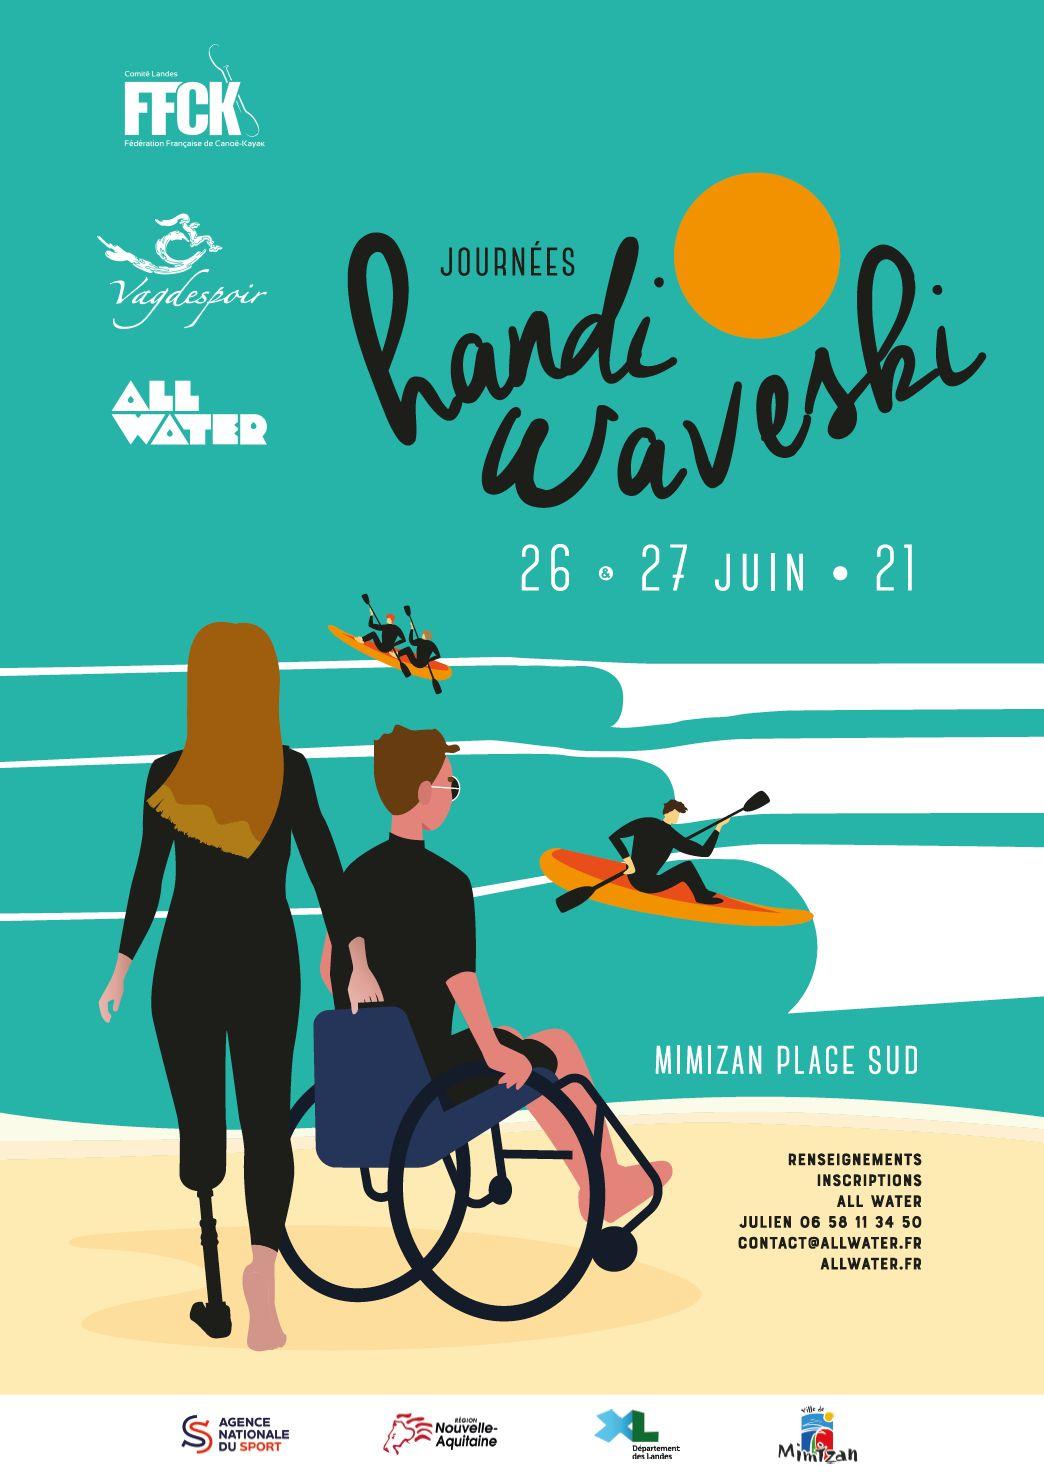 Journées Handi Waveski 5 ème édition